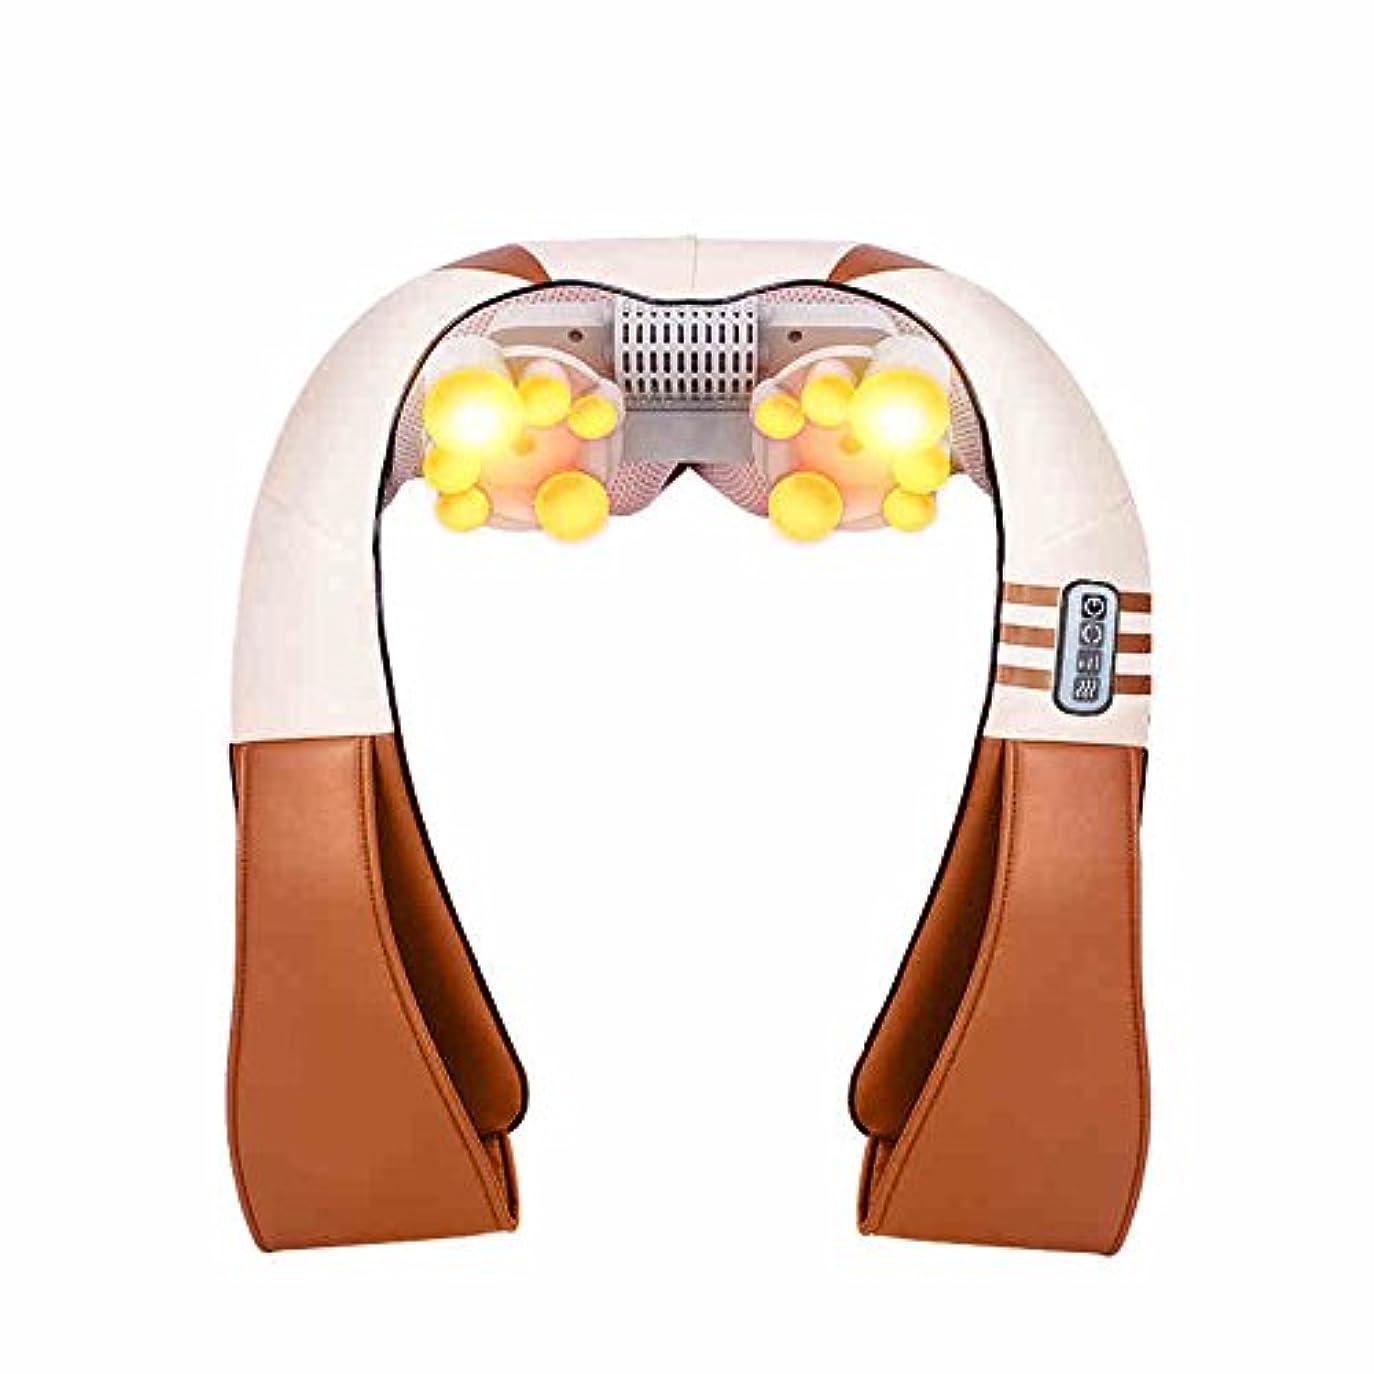 真面目な更新破滅HAIZHEN マッサージチェア フルボディマッサージ器の電気運動振動指圧の混乱指圧リウマチの痛みを和らげる頭の血液循環を促進する